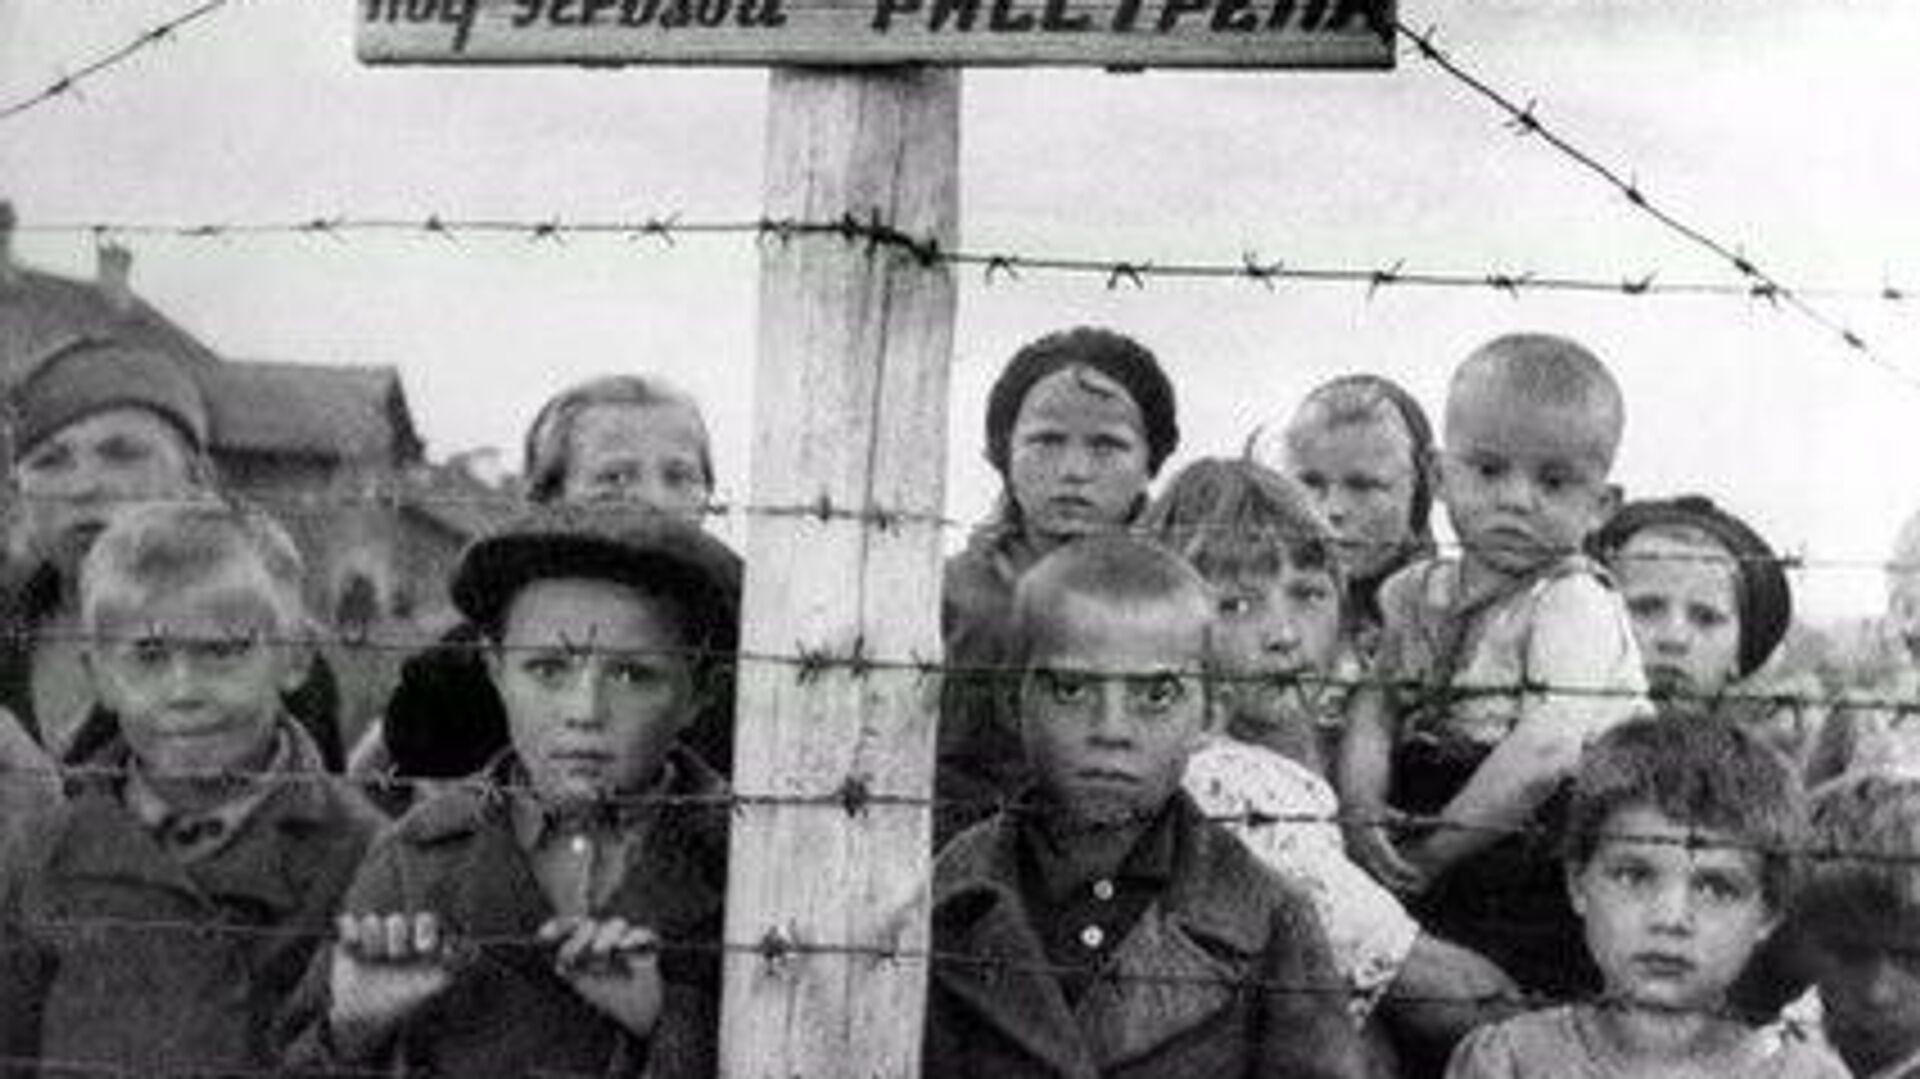 Дети в финском концлагерь в Петрозаводске - РИА Новости, 1920, 06.06.2021